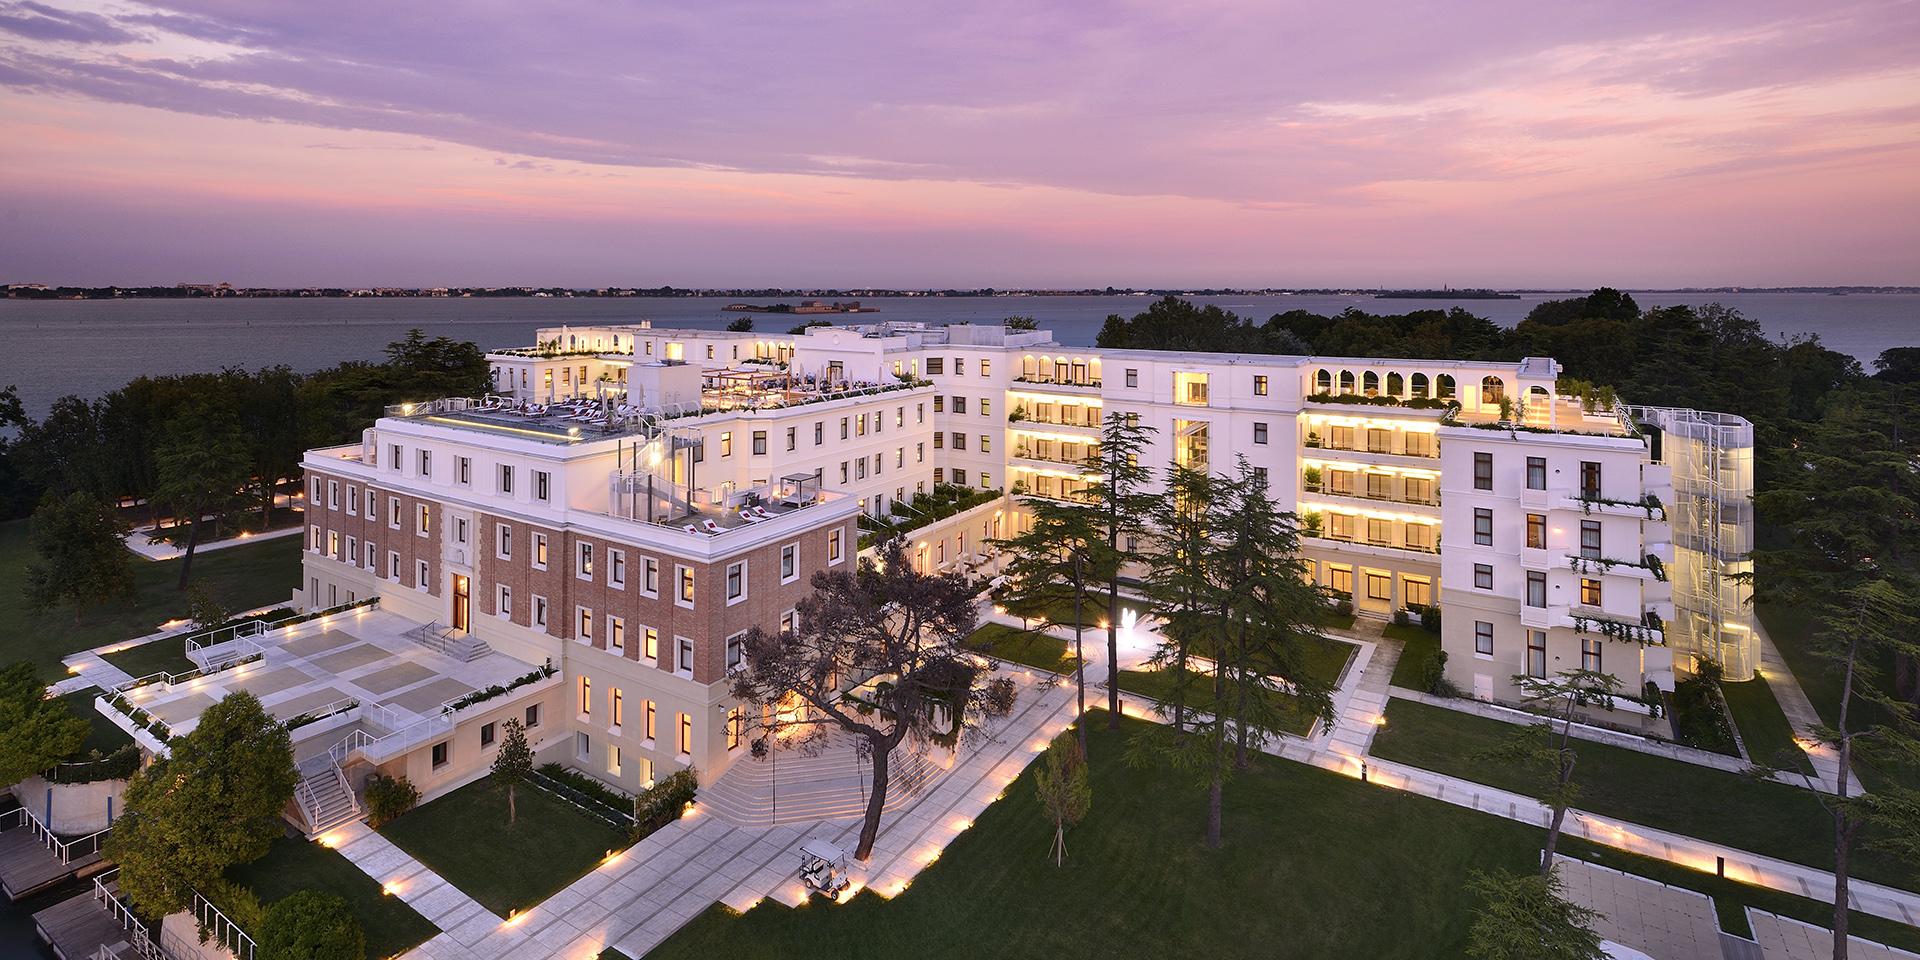 Marriott-koncernen har foreløbig 6.900 hoteller fordelt på 30 varemærker. Her er det et JW Marriott-hotel i nærheden af Venedig. Pressefoto fra Marriott.